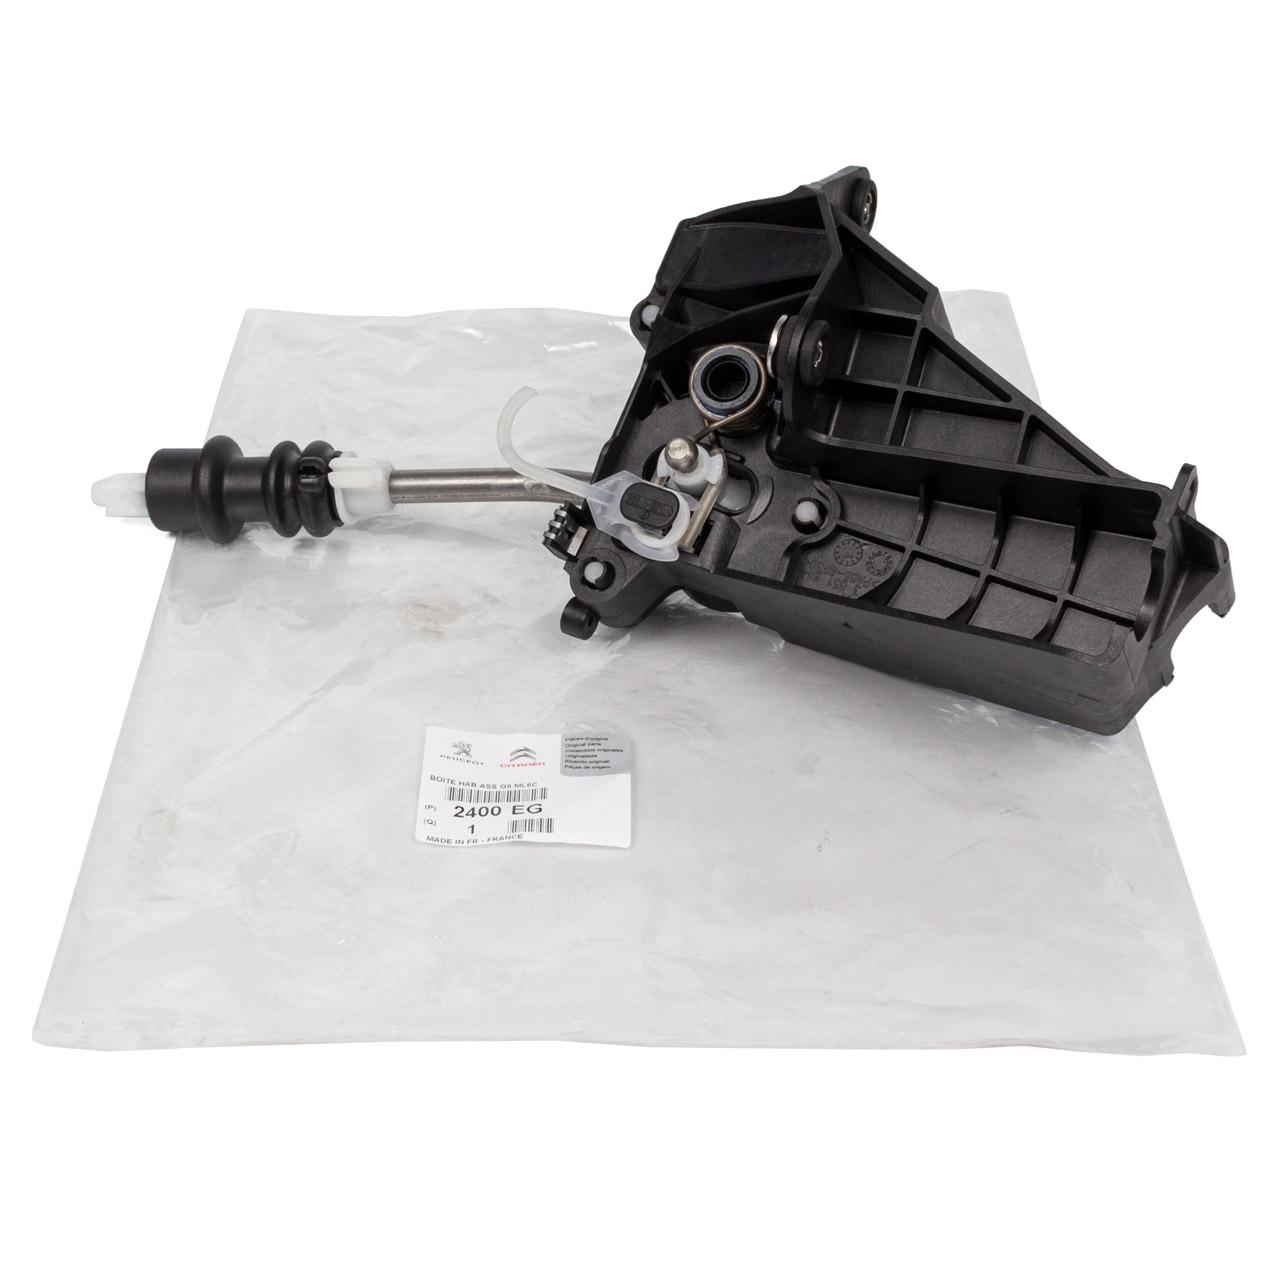 ORIGINAL Citroen Peugeot Schalthebel ML6C Schaltgetriebe Jumpy Expert 2400.EG